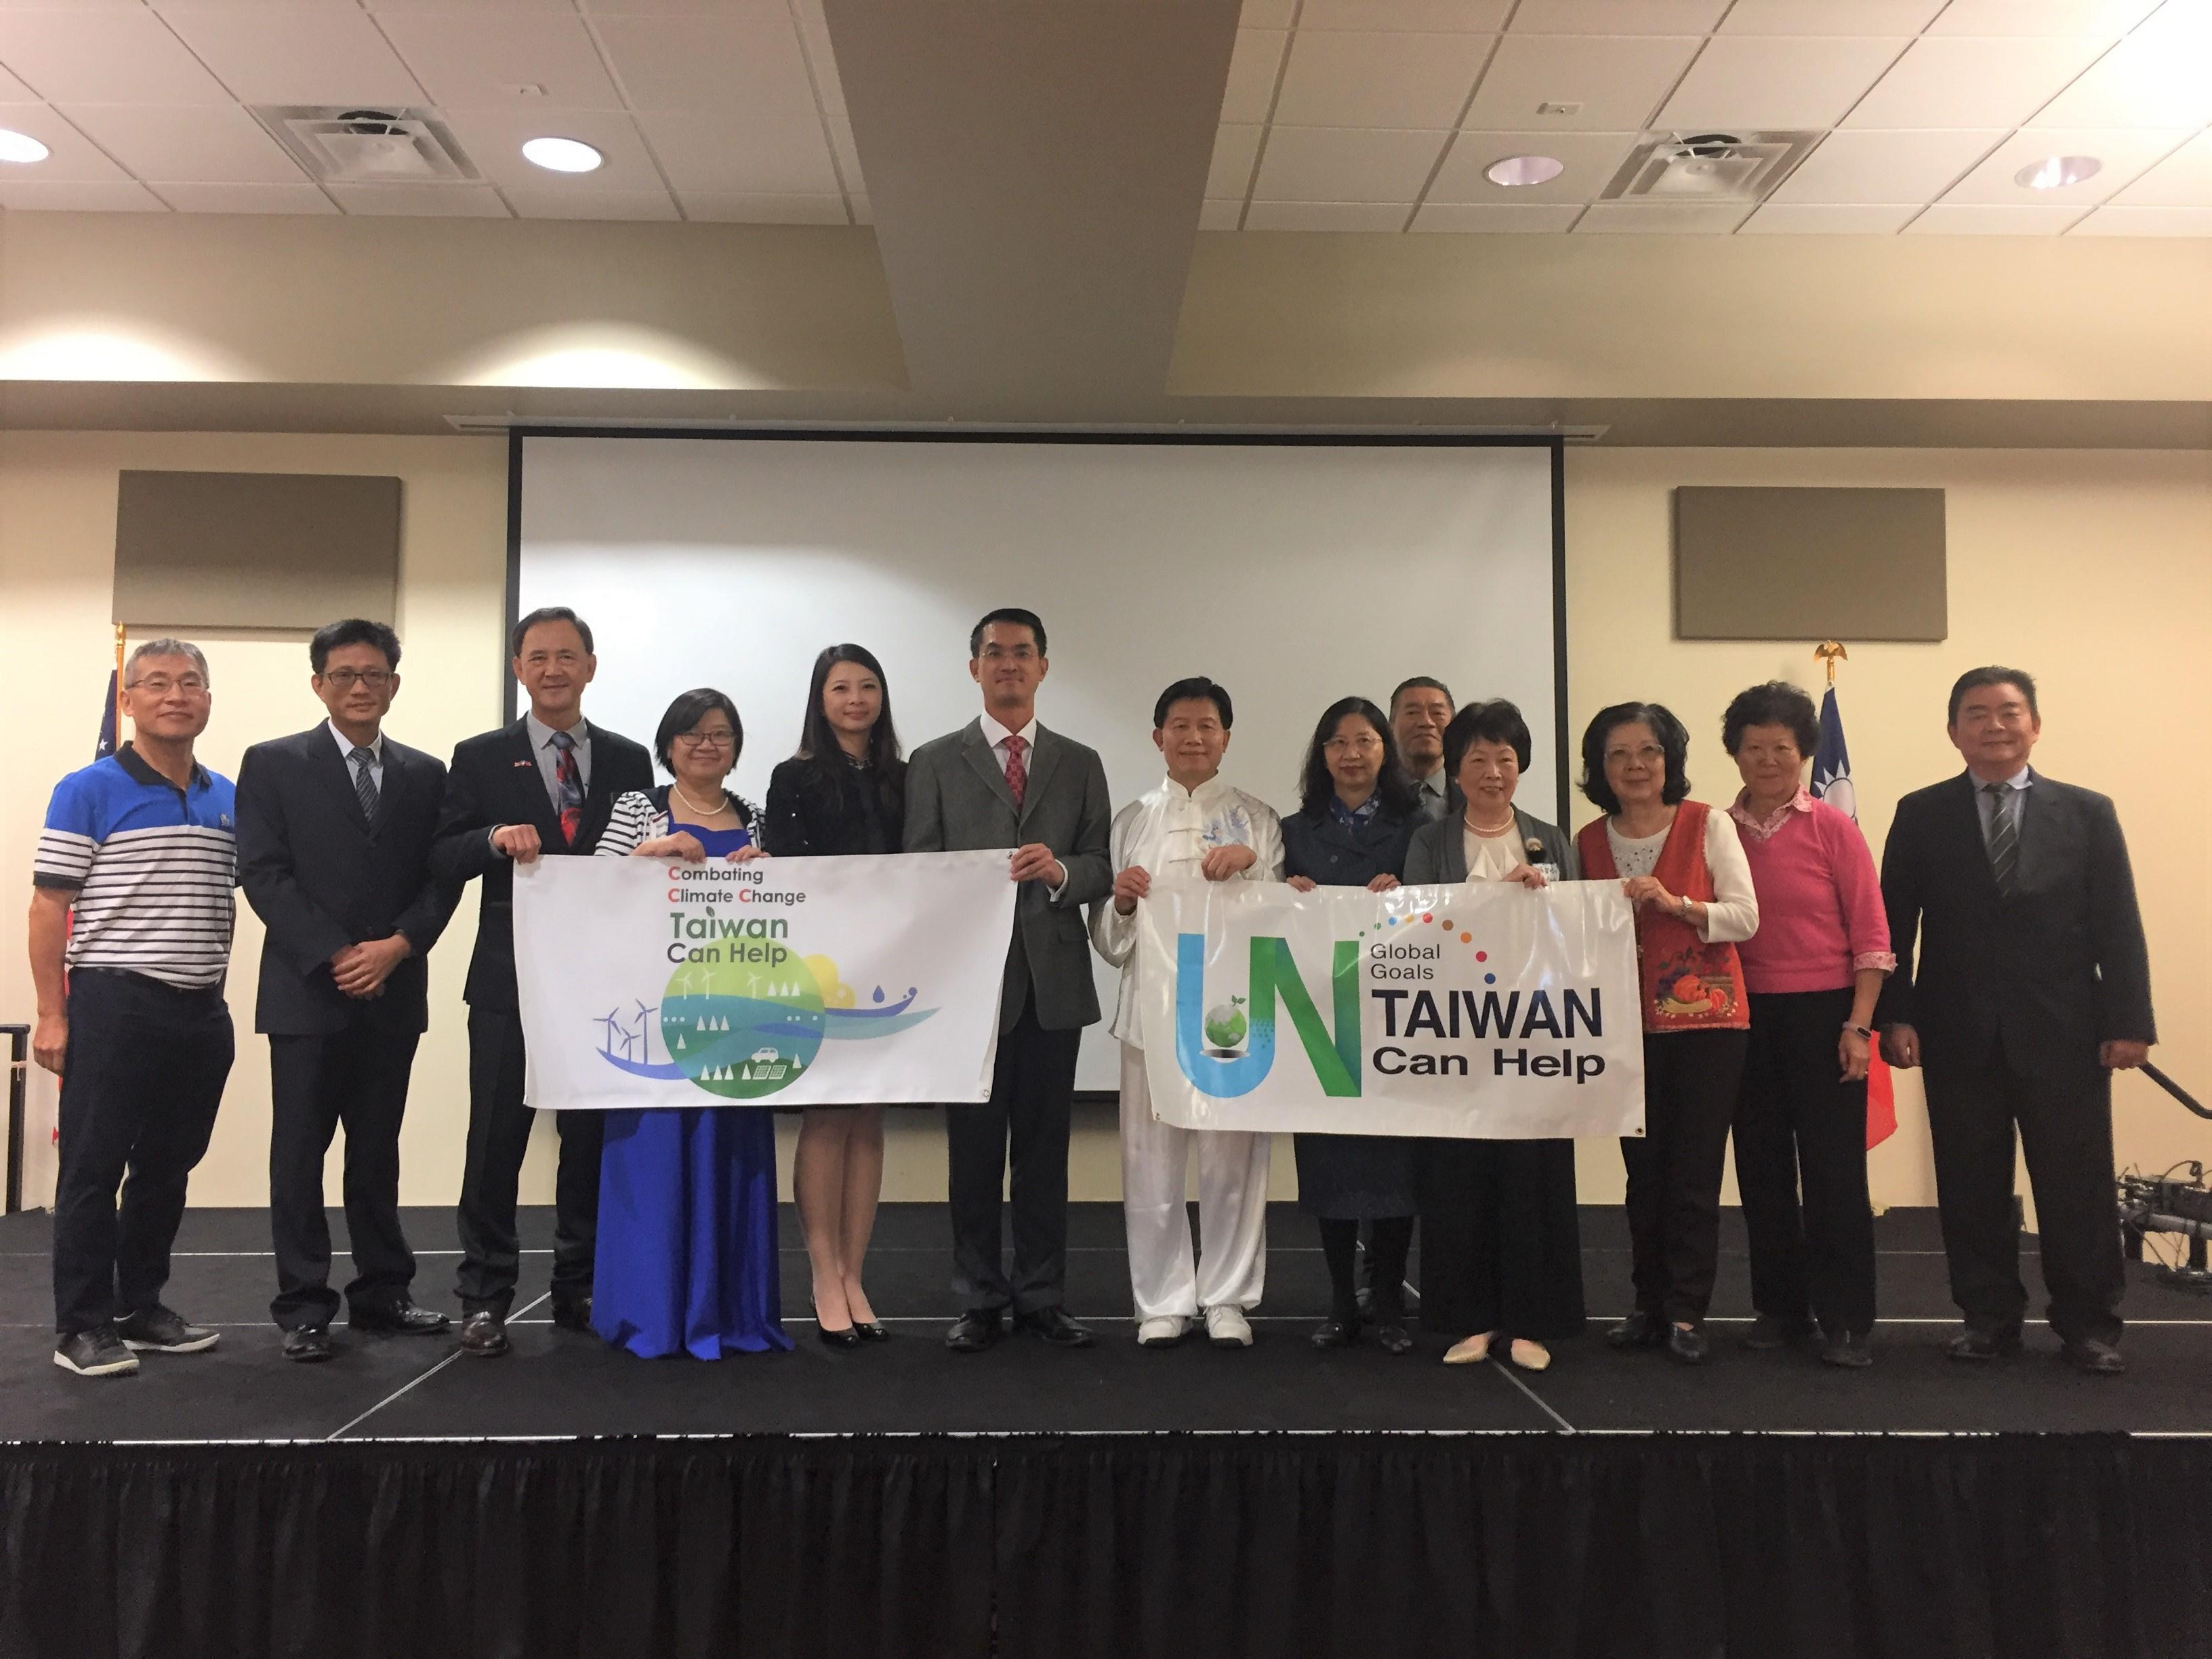 https://0201.nccdn.net/4_2/000/000/06c/bba/IMG_2906-Light----Taiwan-for-UN-Climate-3264x2448.jpg